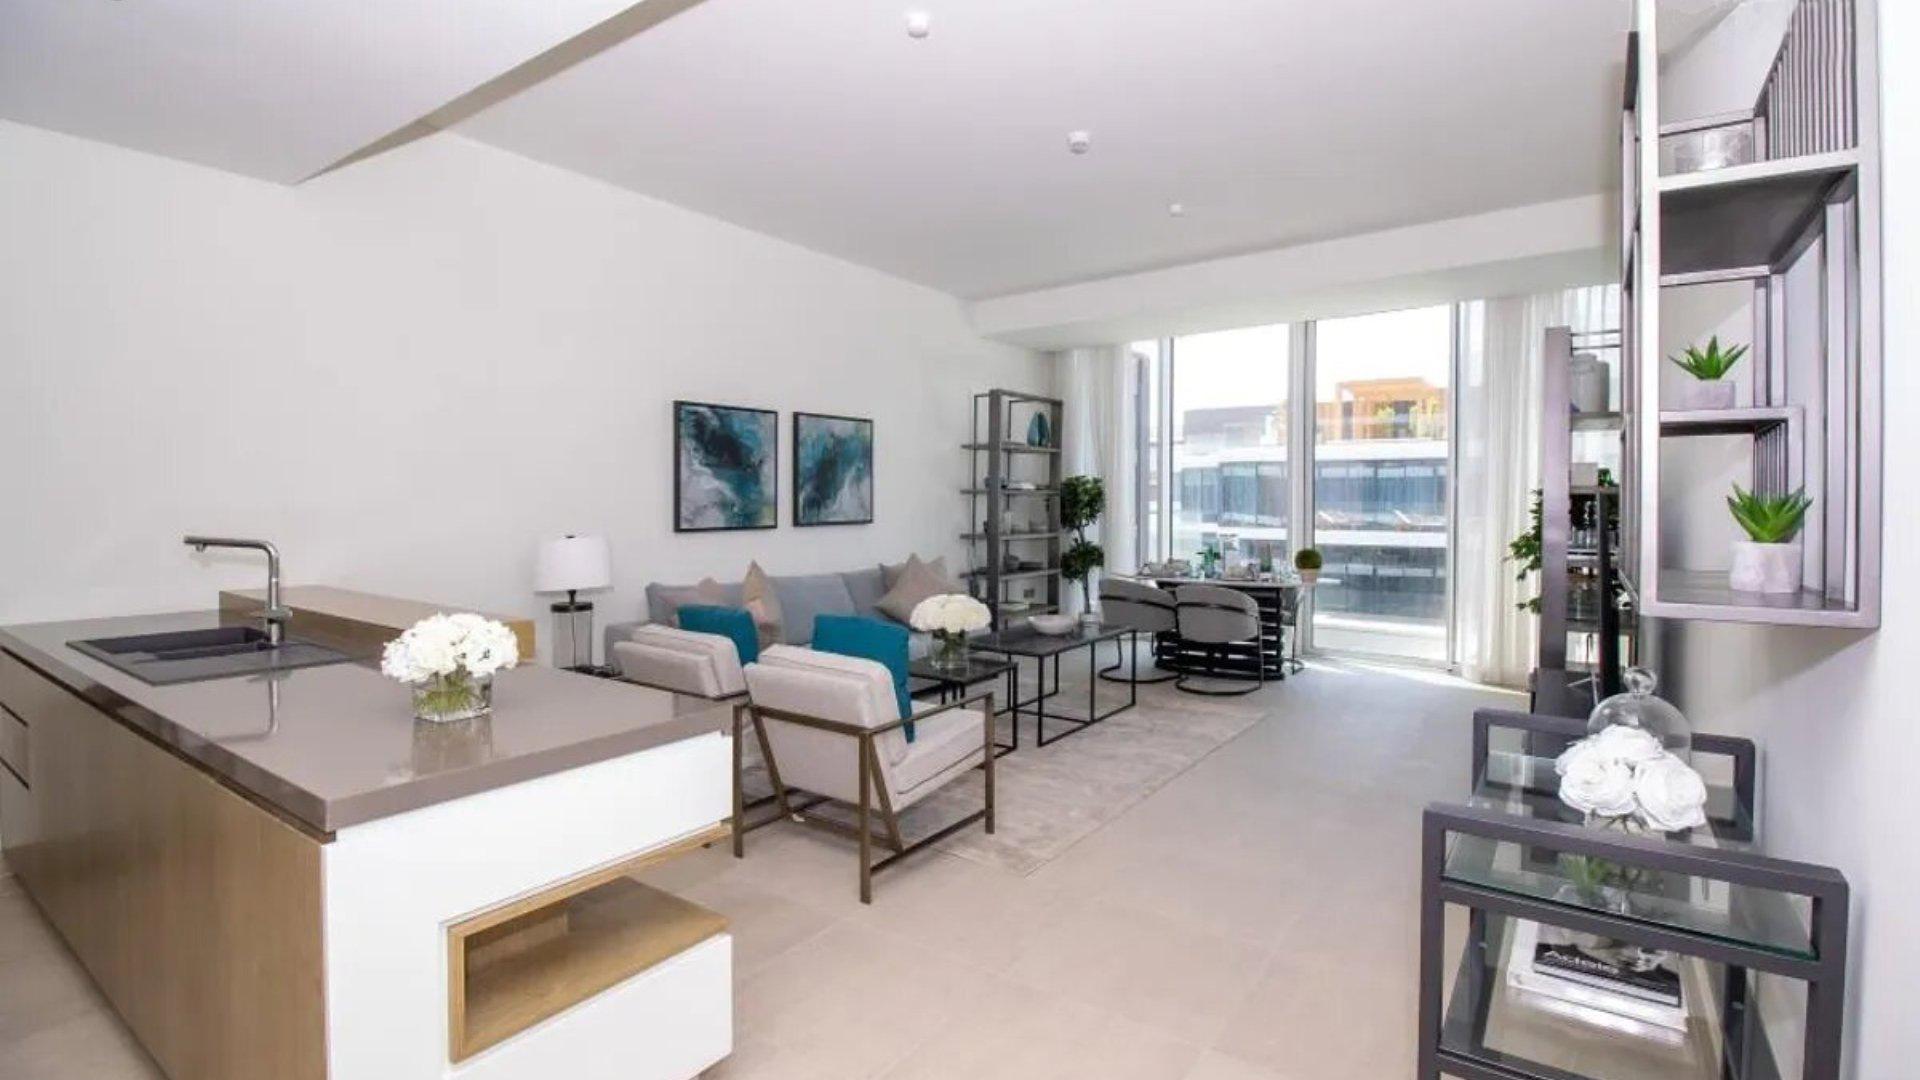 Ático en venta en Dubai, EAU, 4 dormitorios, 513 m2, № 24384 – foto 1